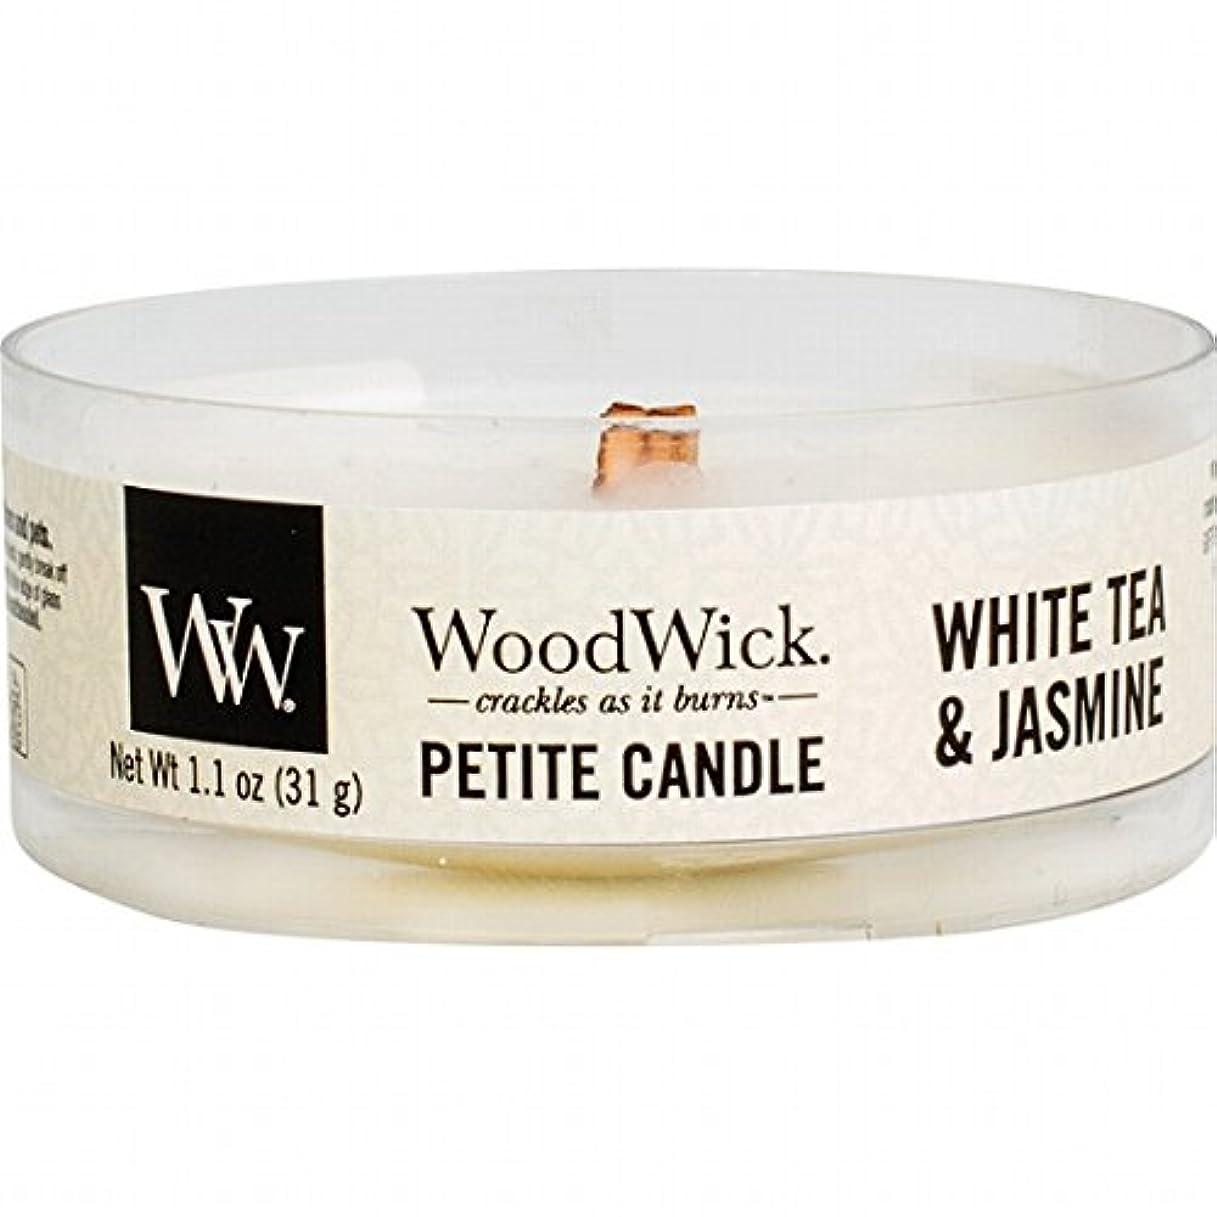 ページムスタチオマウントウッドウィック( WoodWick ) プチキャンドル 「 ホワイトティー&ジャスミン 」